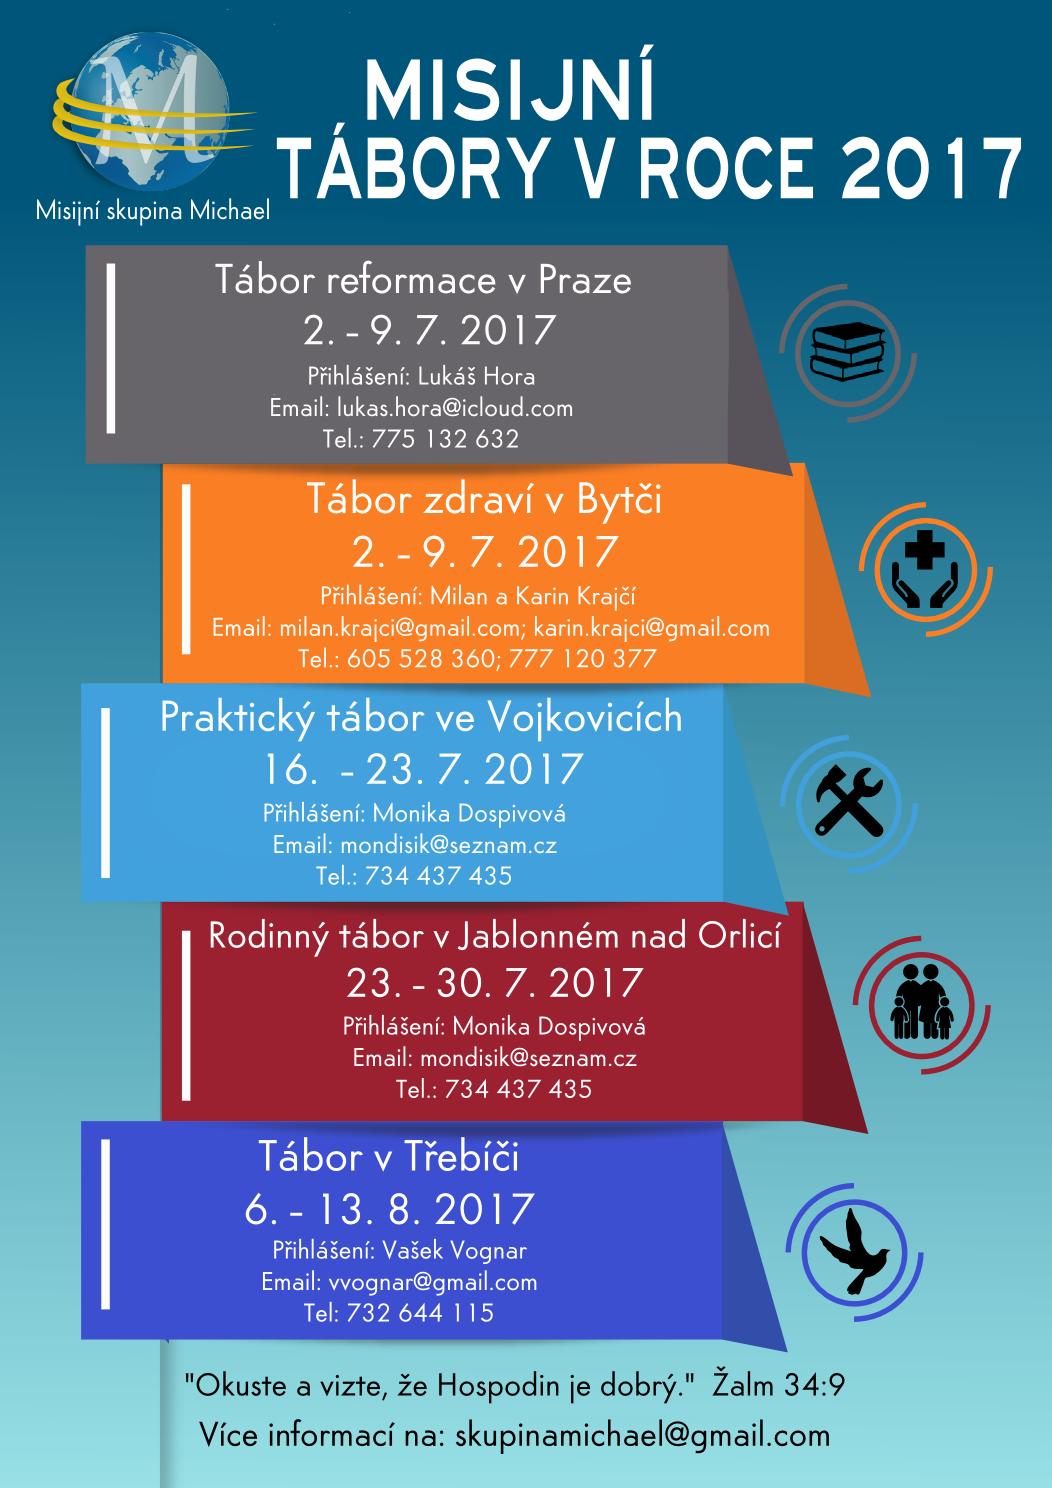 Misijní tábory v roce 2017